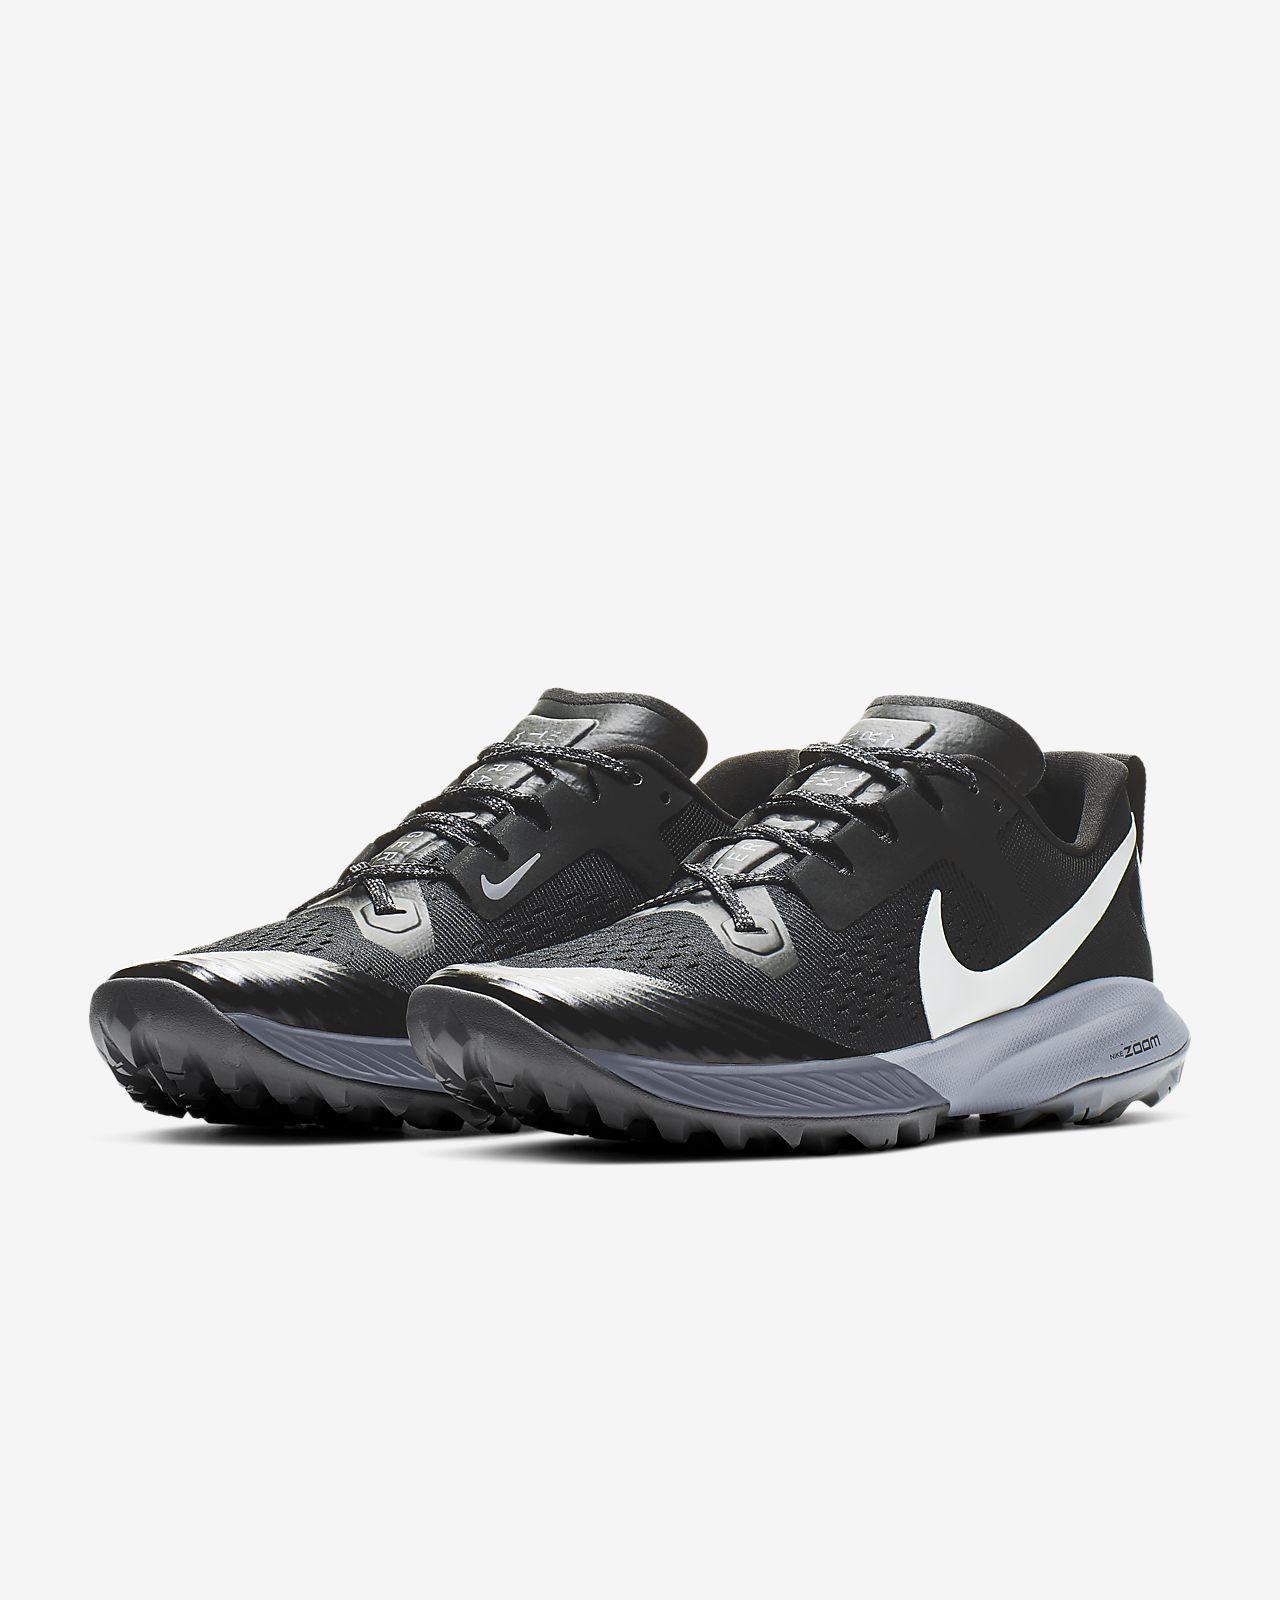 promo code 651c3 bdcfb Nike Air Zoom Terra Kiger 5 Women's Running Shoe